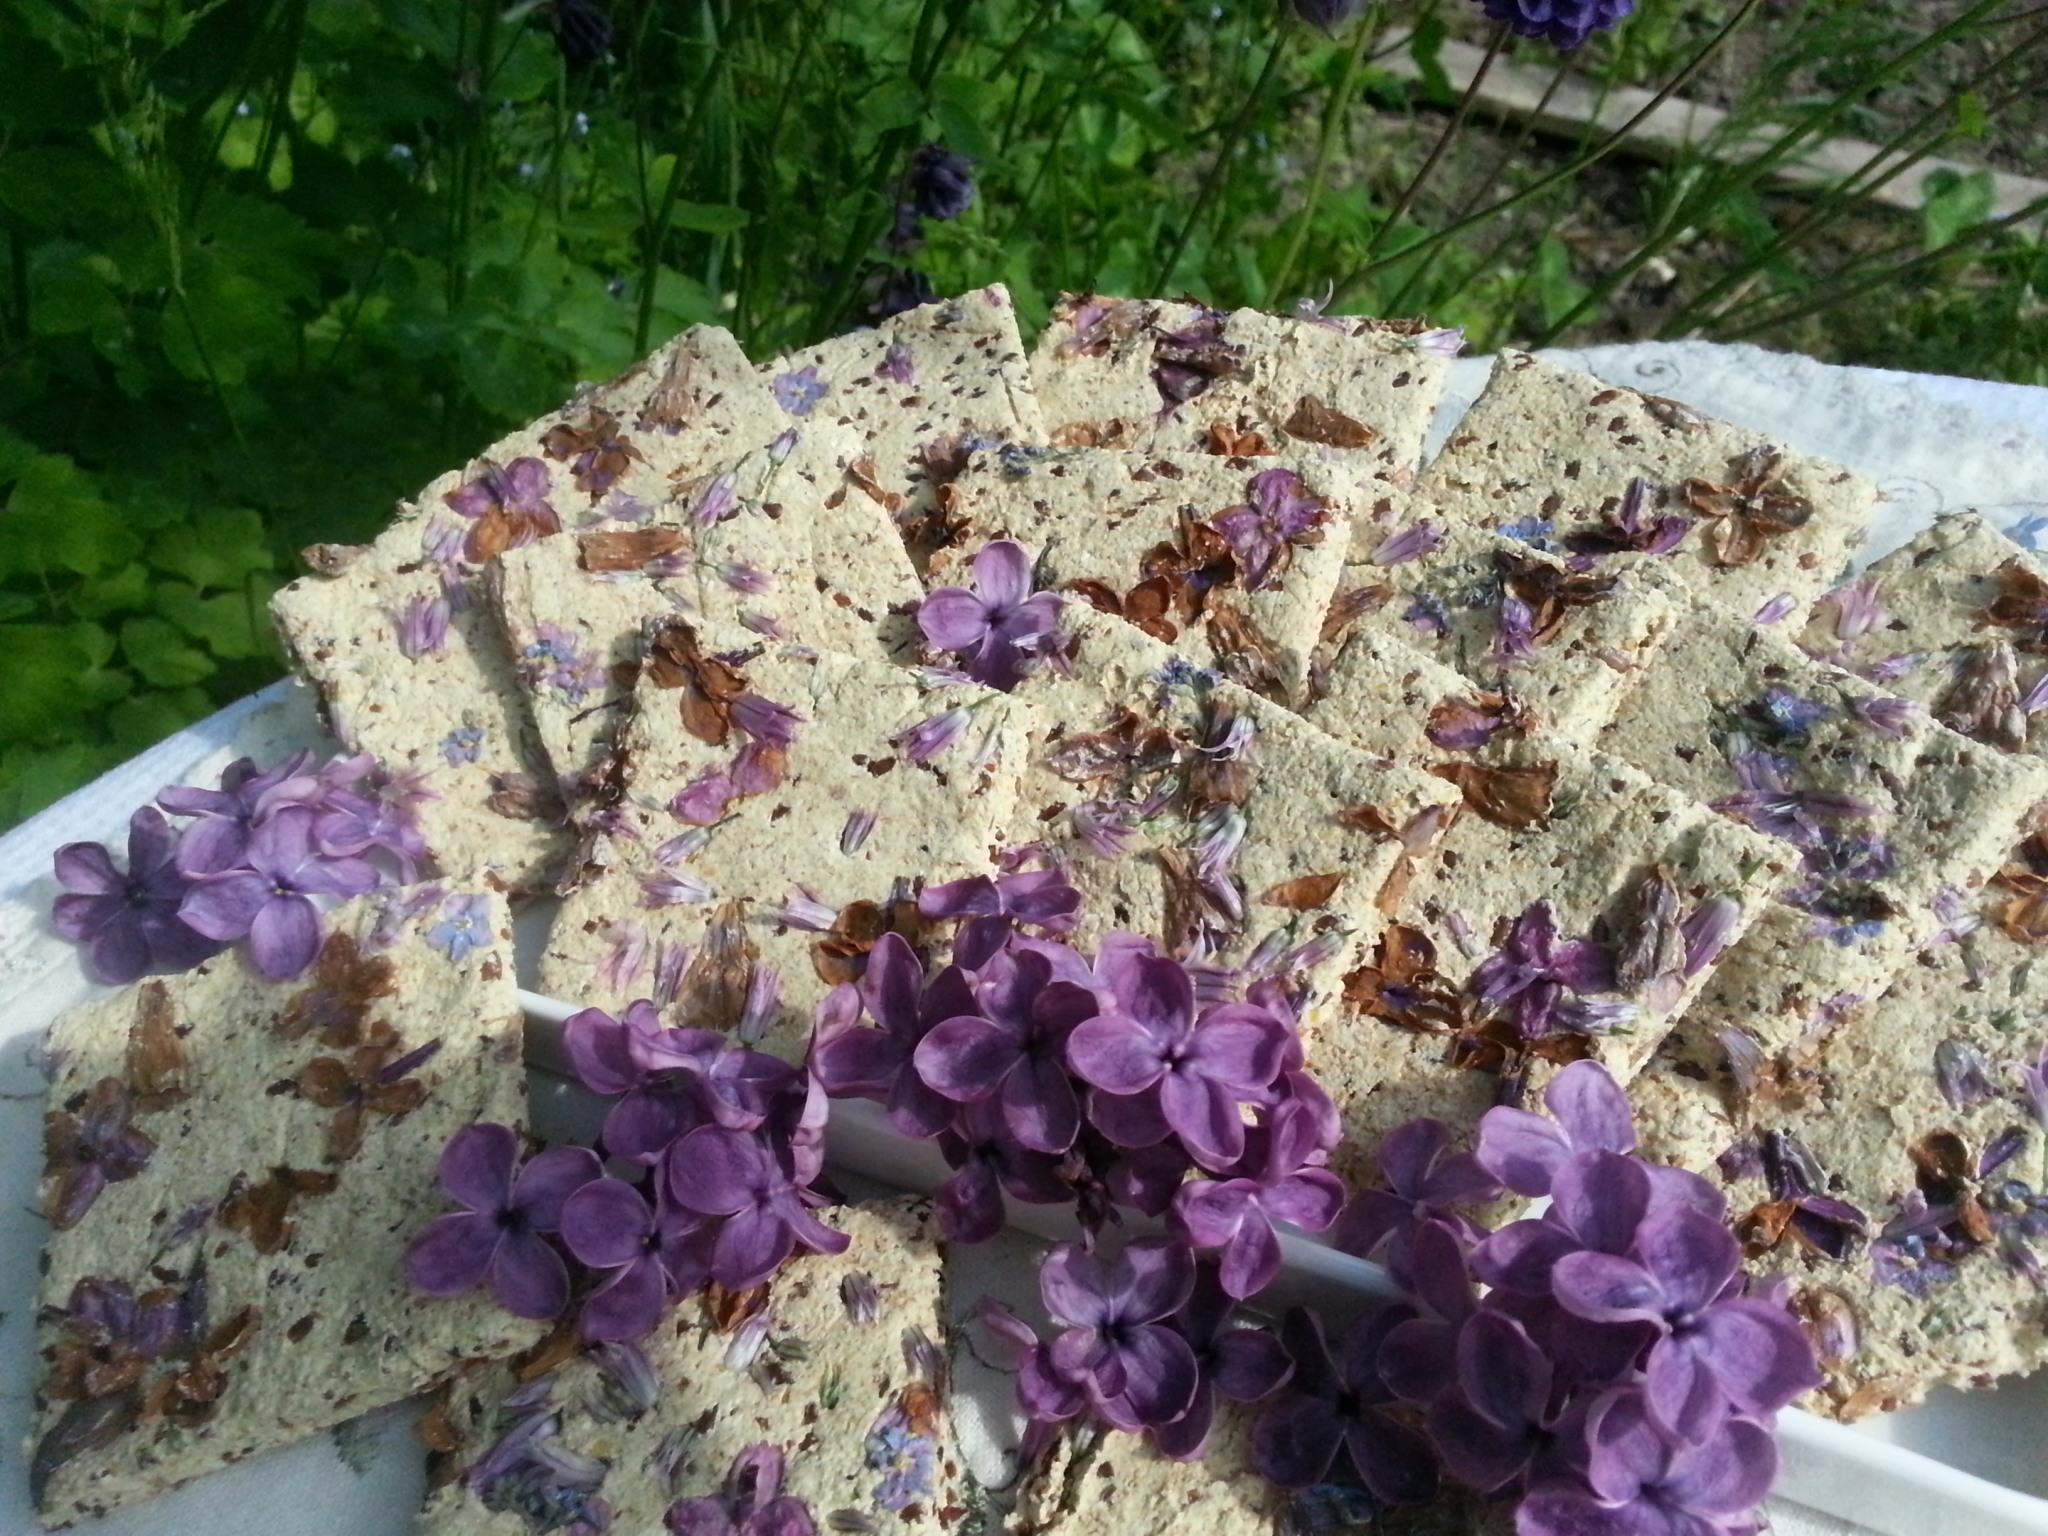 Diese roh-veganen Fliederkräcker bestehen aus einem relativ feingemahlenen Buchweizen-Leinsamenteig, in dem die farbigen Blüten sehr schön zur Geltung kommen :-)